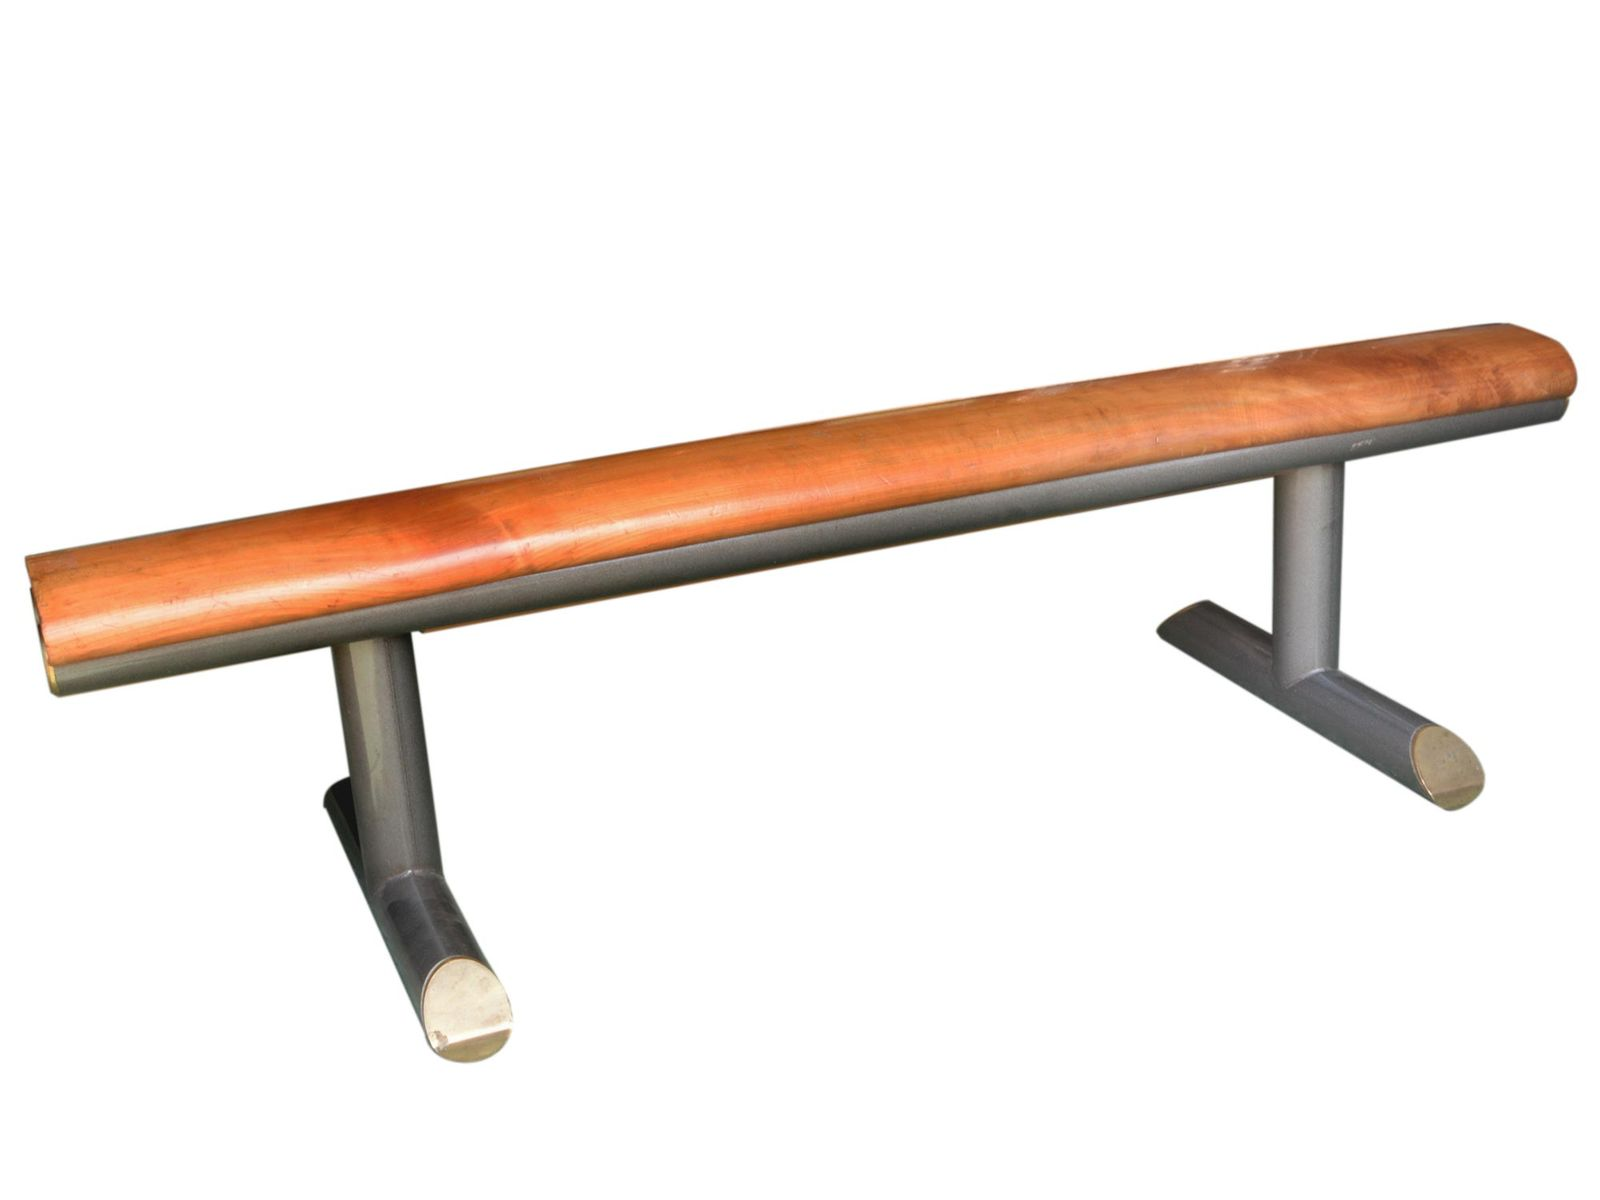 italienische bank aus holz metall 1960er bei pamono kaufen. Black Bedroom Furniture Sets. Home Design Ideas